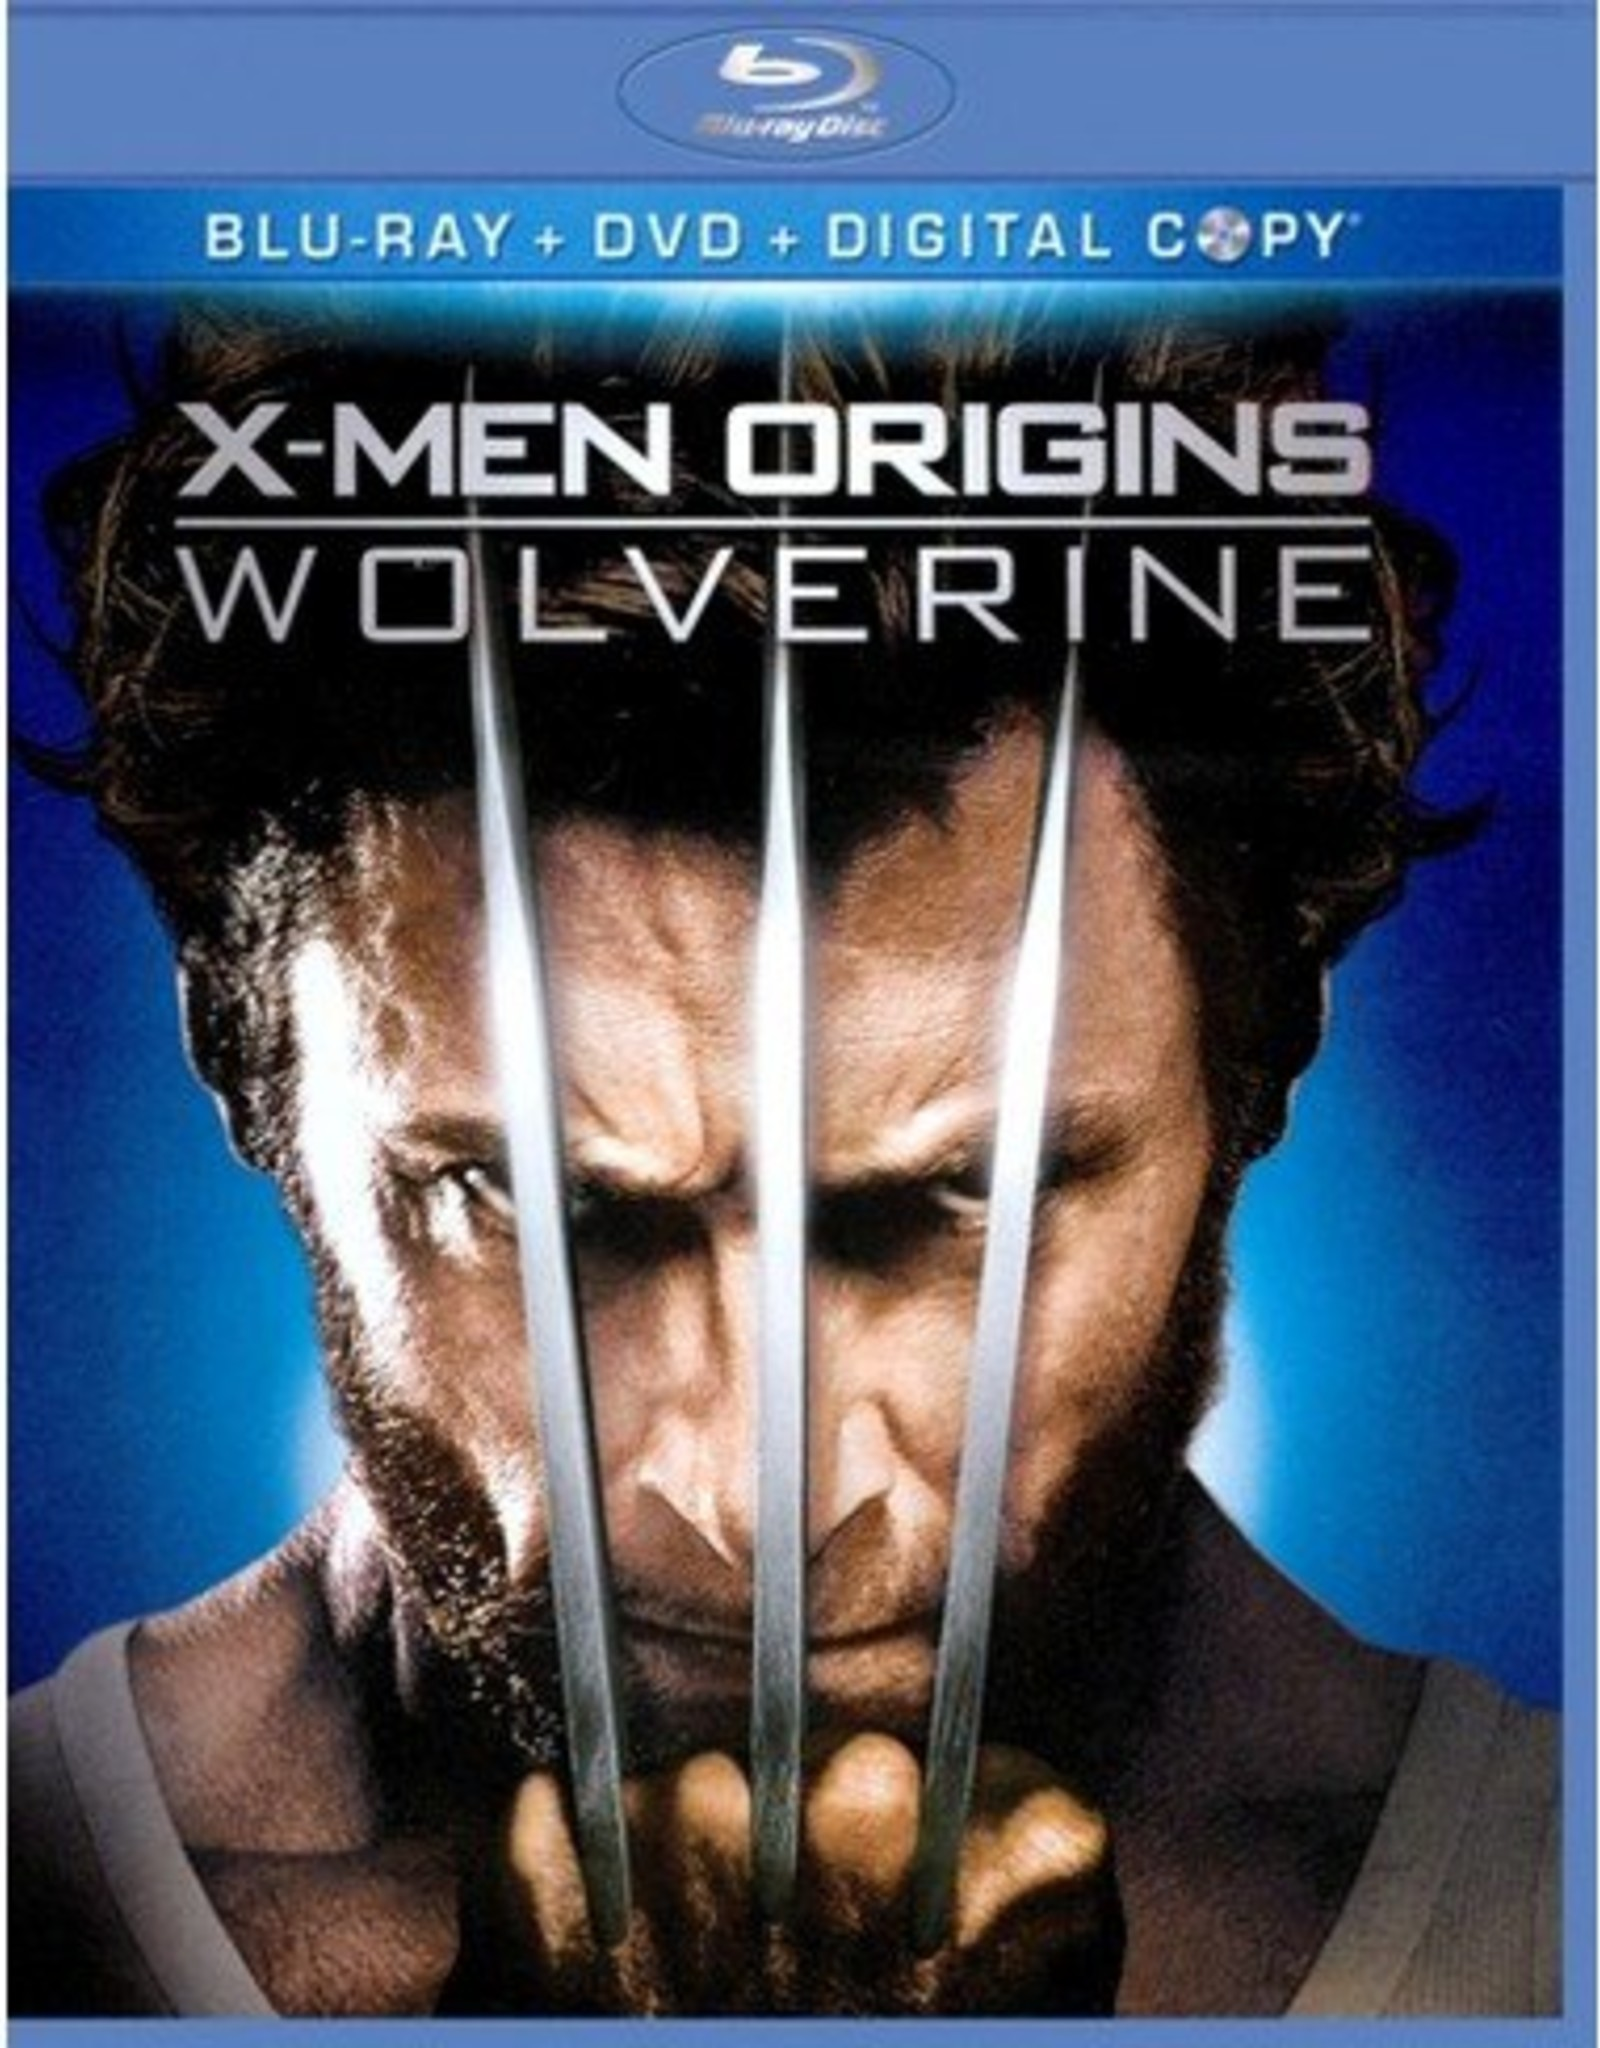 BluRay Movie X-Men Origins Wolverine